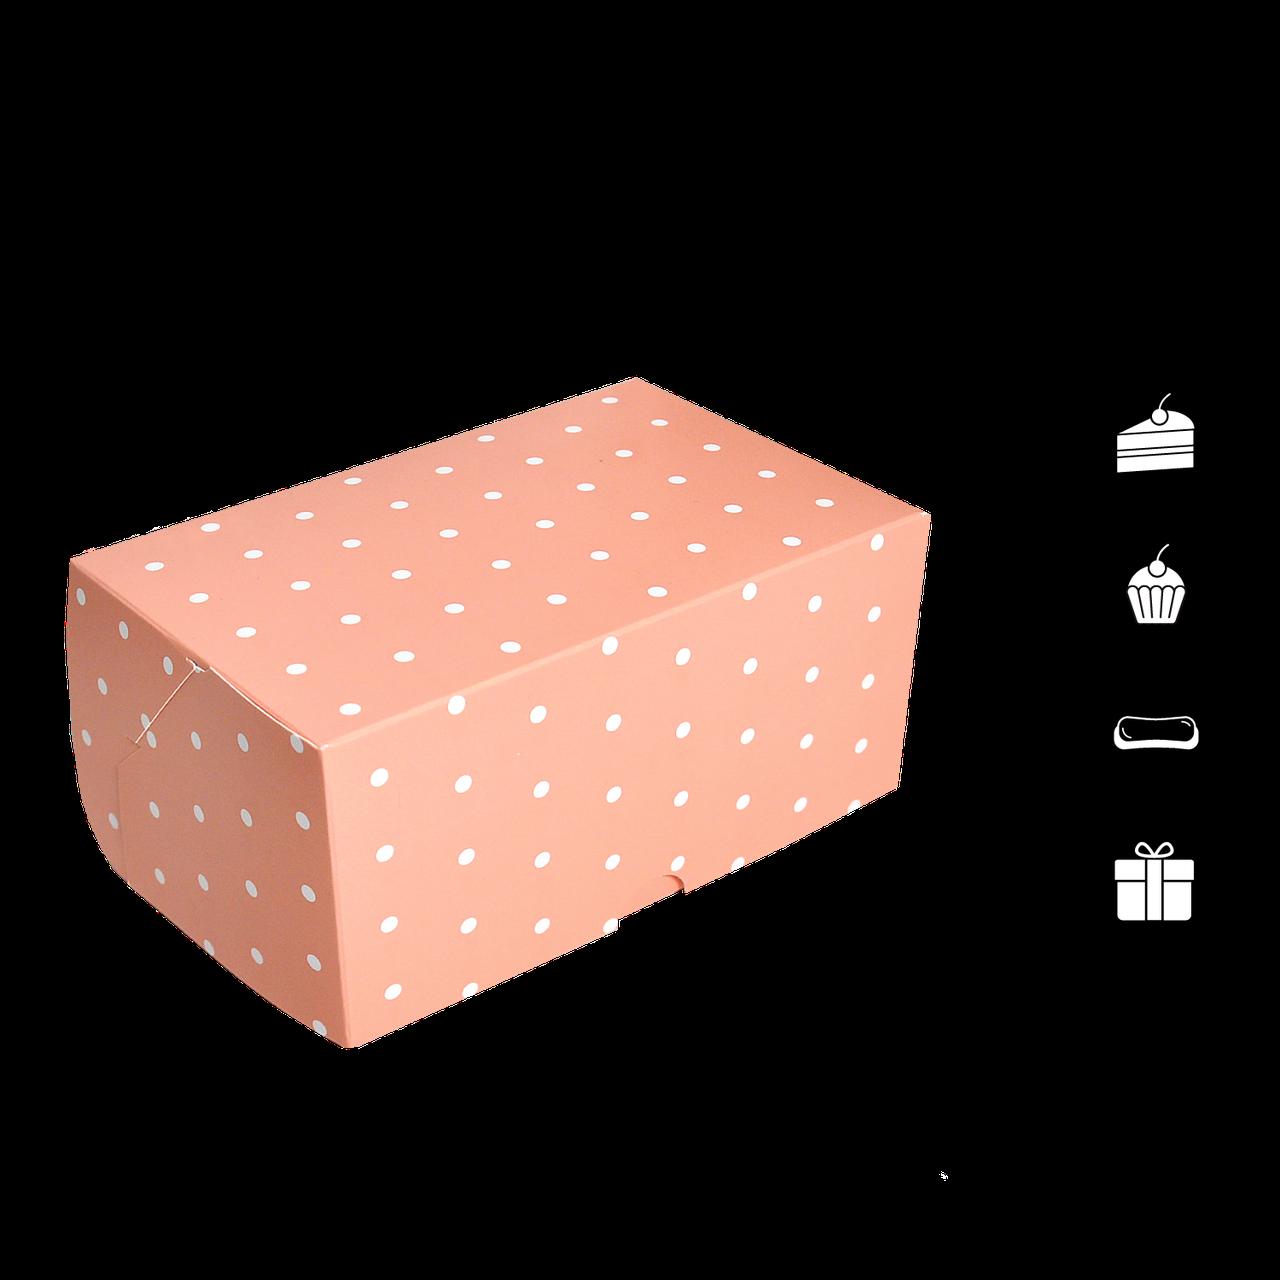 Коробка для торта КТ 0116 (1кусок) Розовый горох 100*160*80мм (уп/25шт)